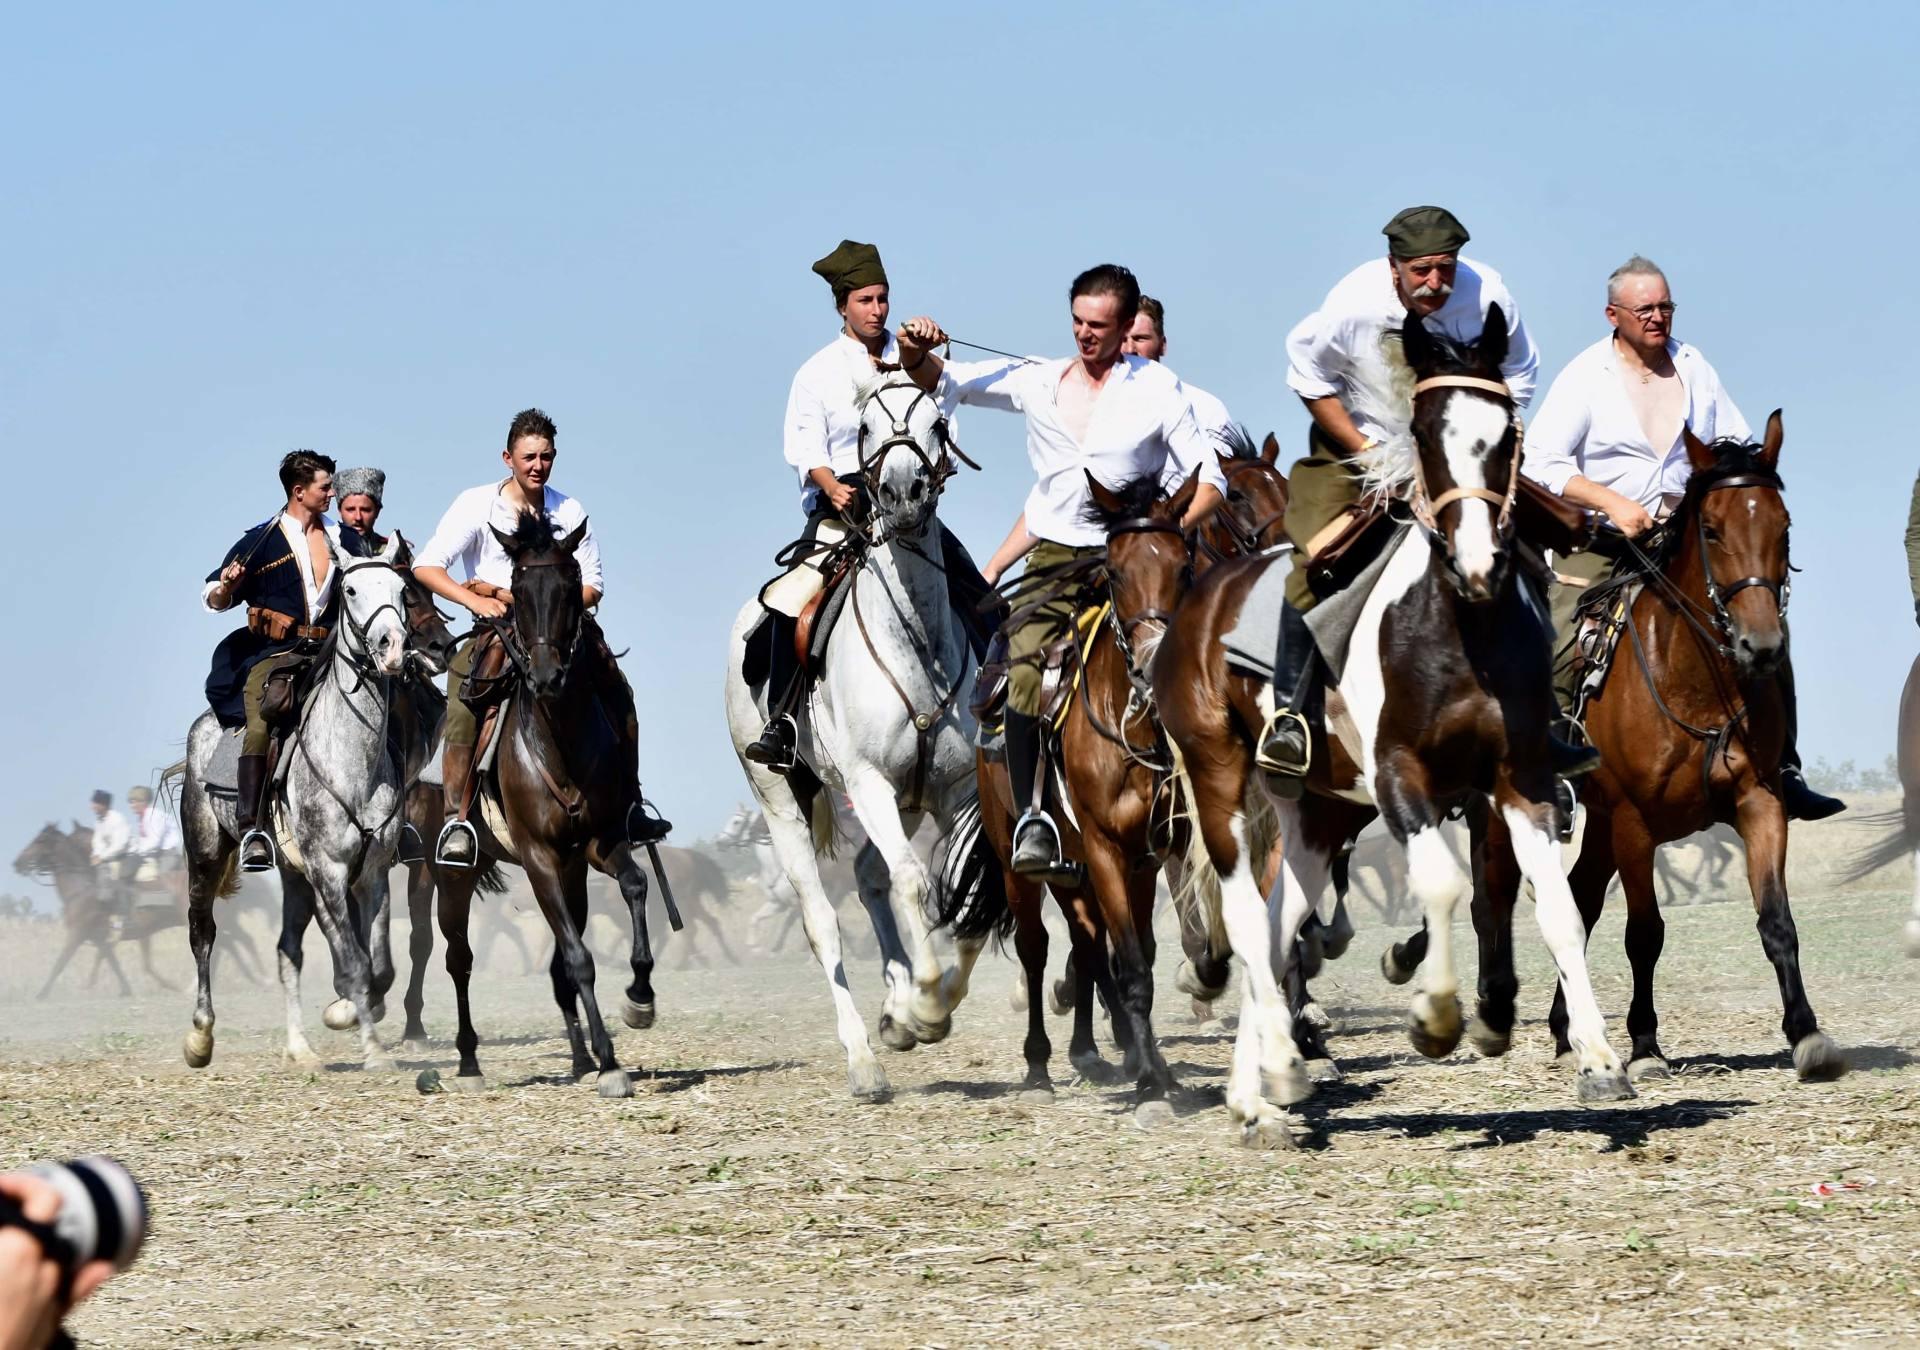 dsc 1027 Czas szabli - 100 rocznica bitwy pod Komarowem(zdjęcia)